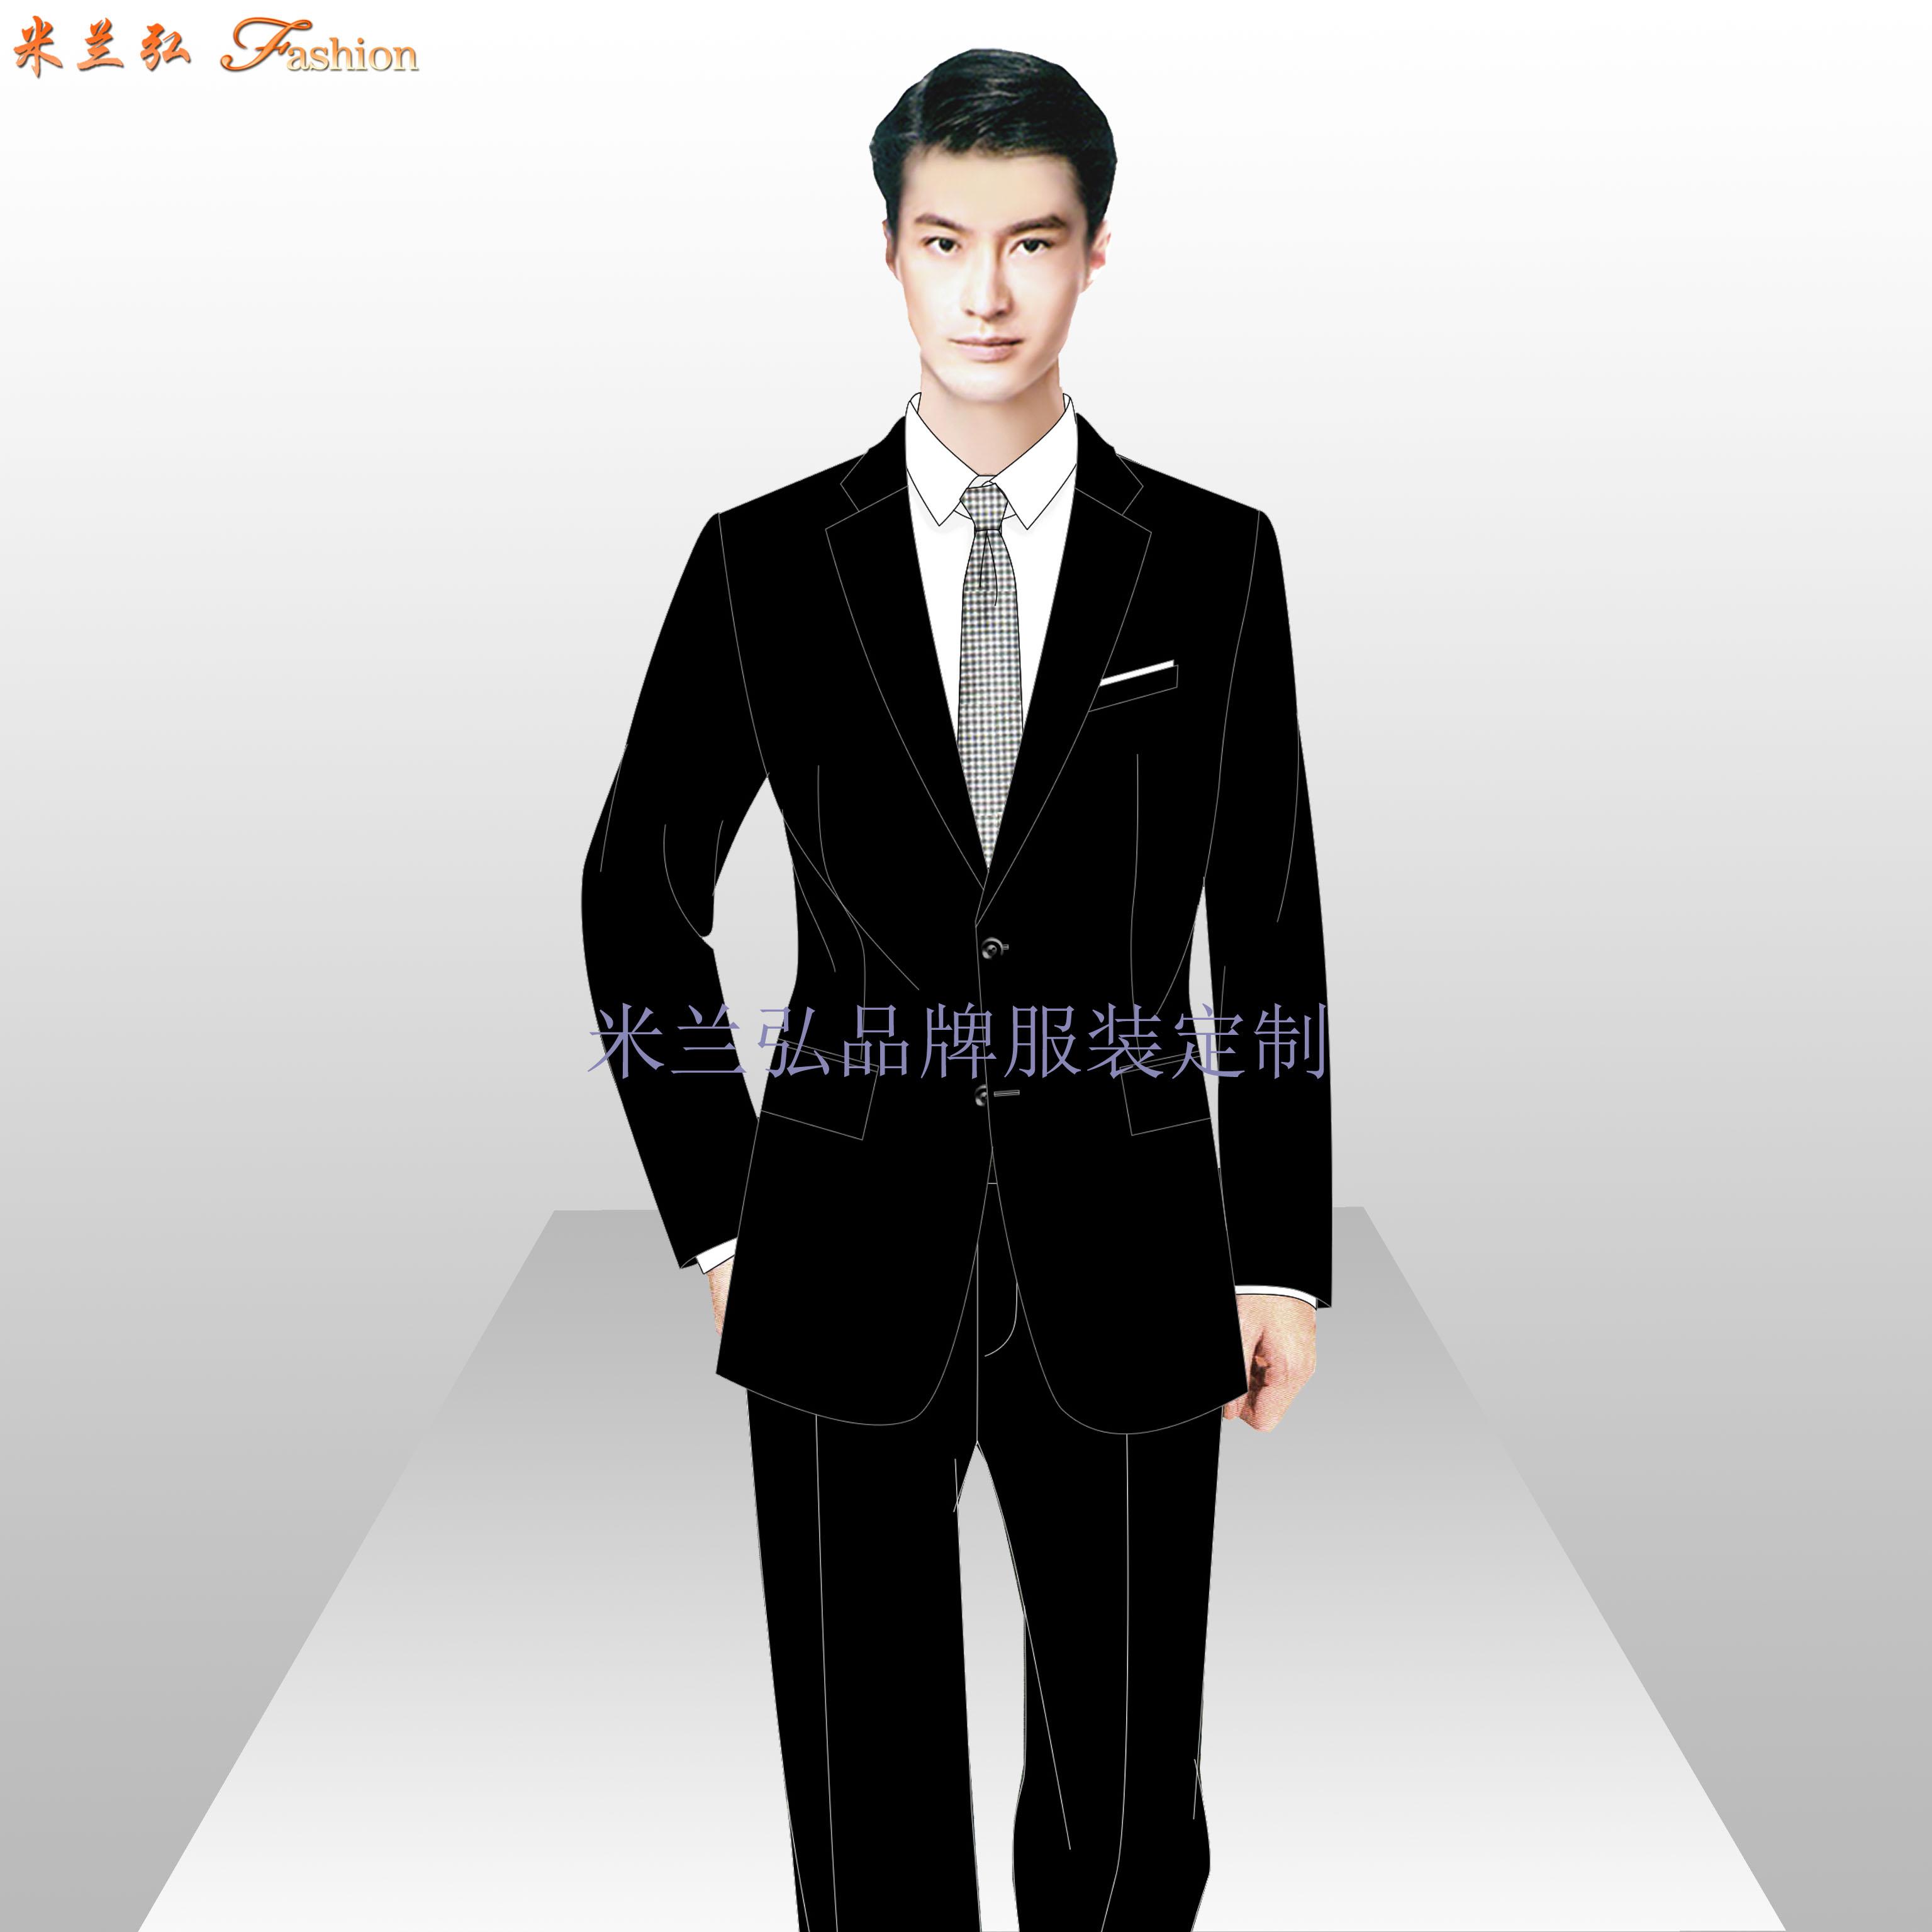 平穀區西服定製_北京平穀職業裝訂做-最新送体验金网站服裝廠家-1